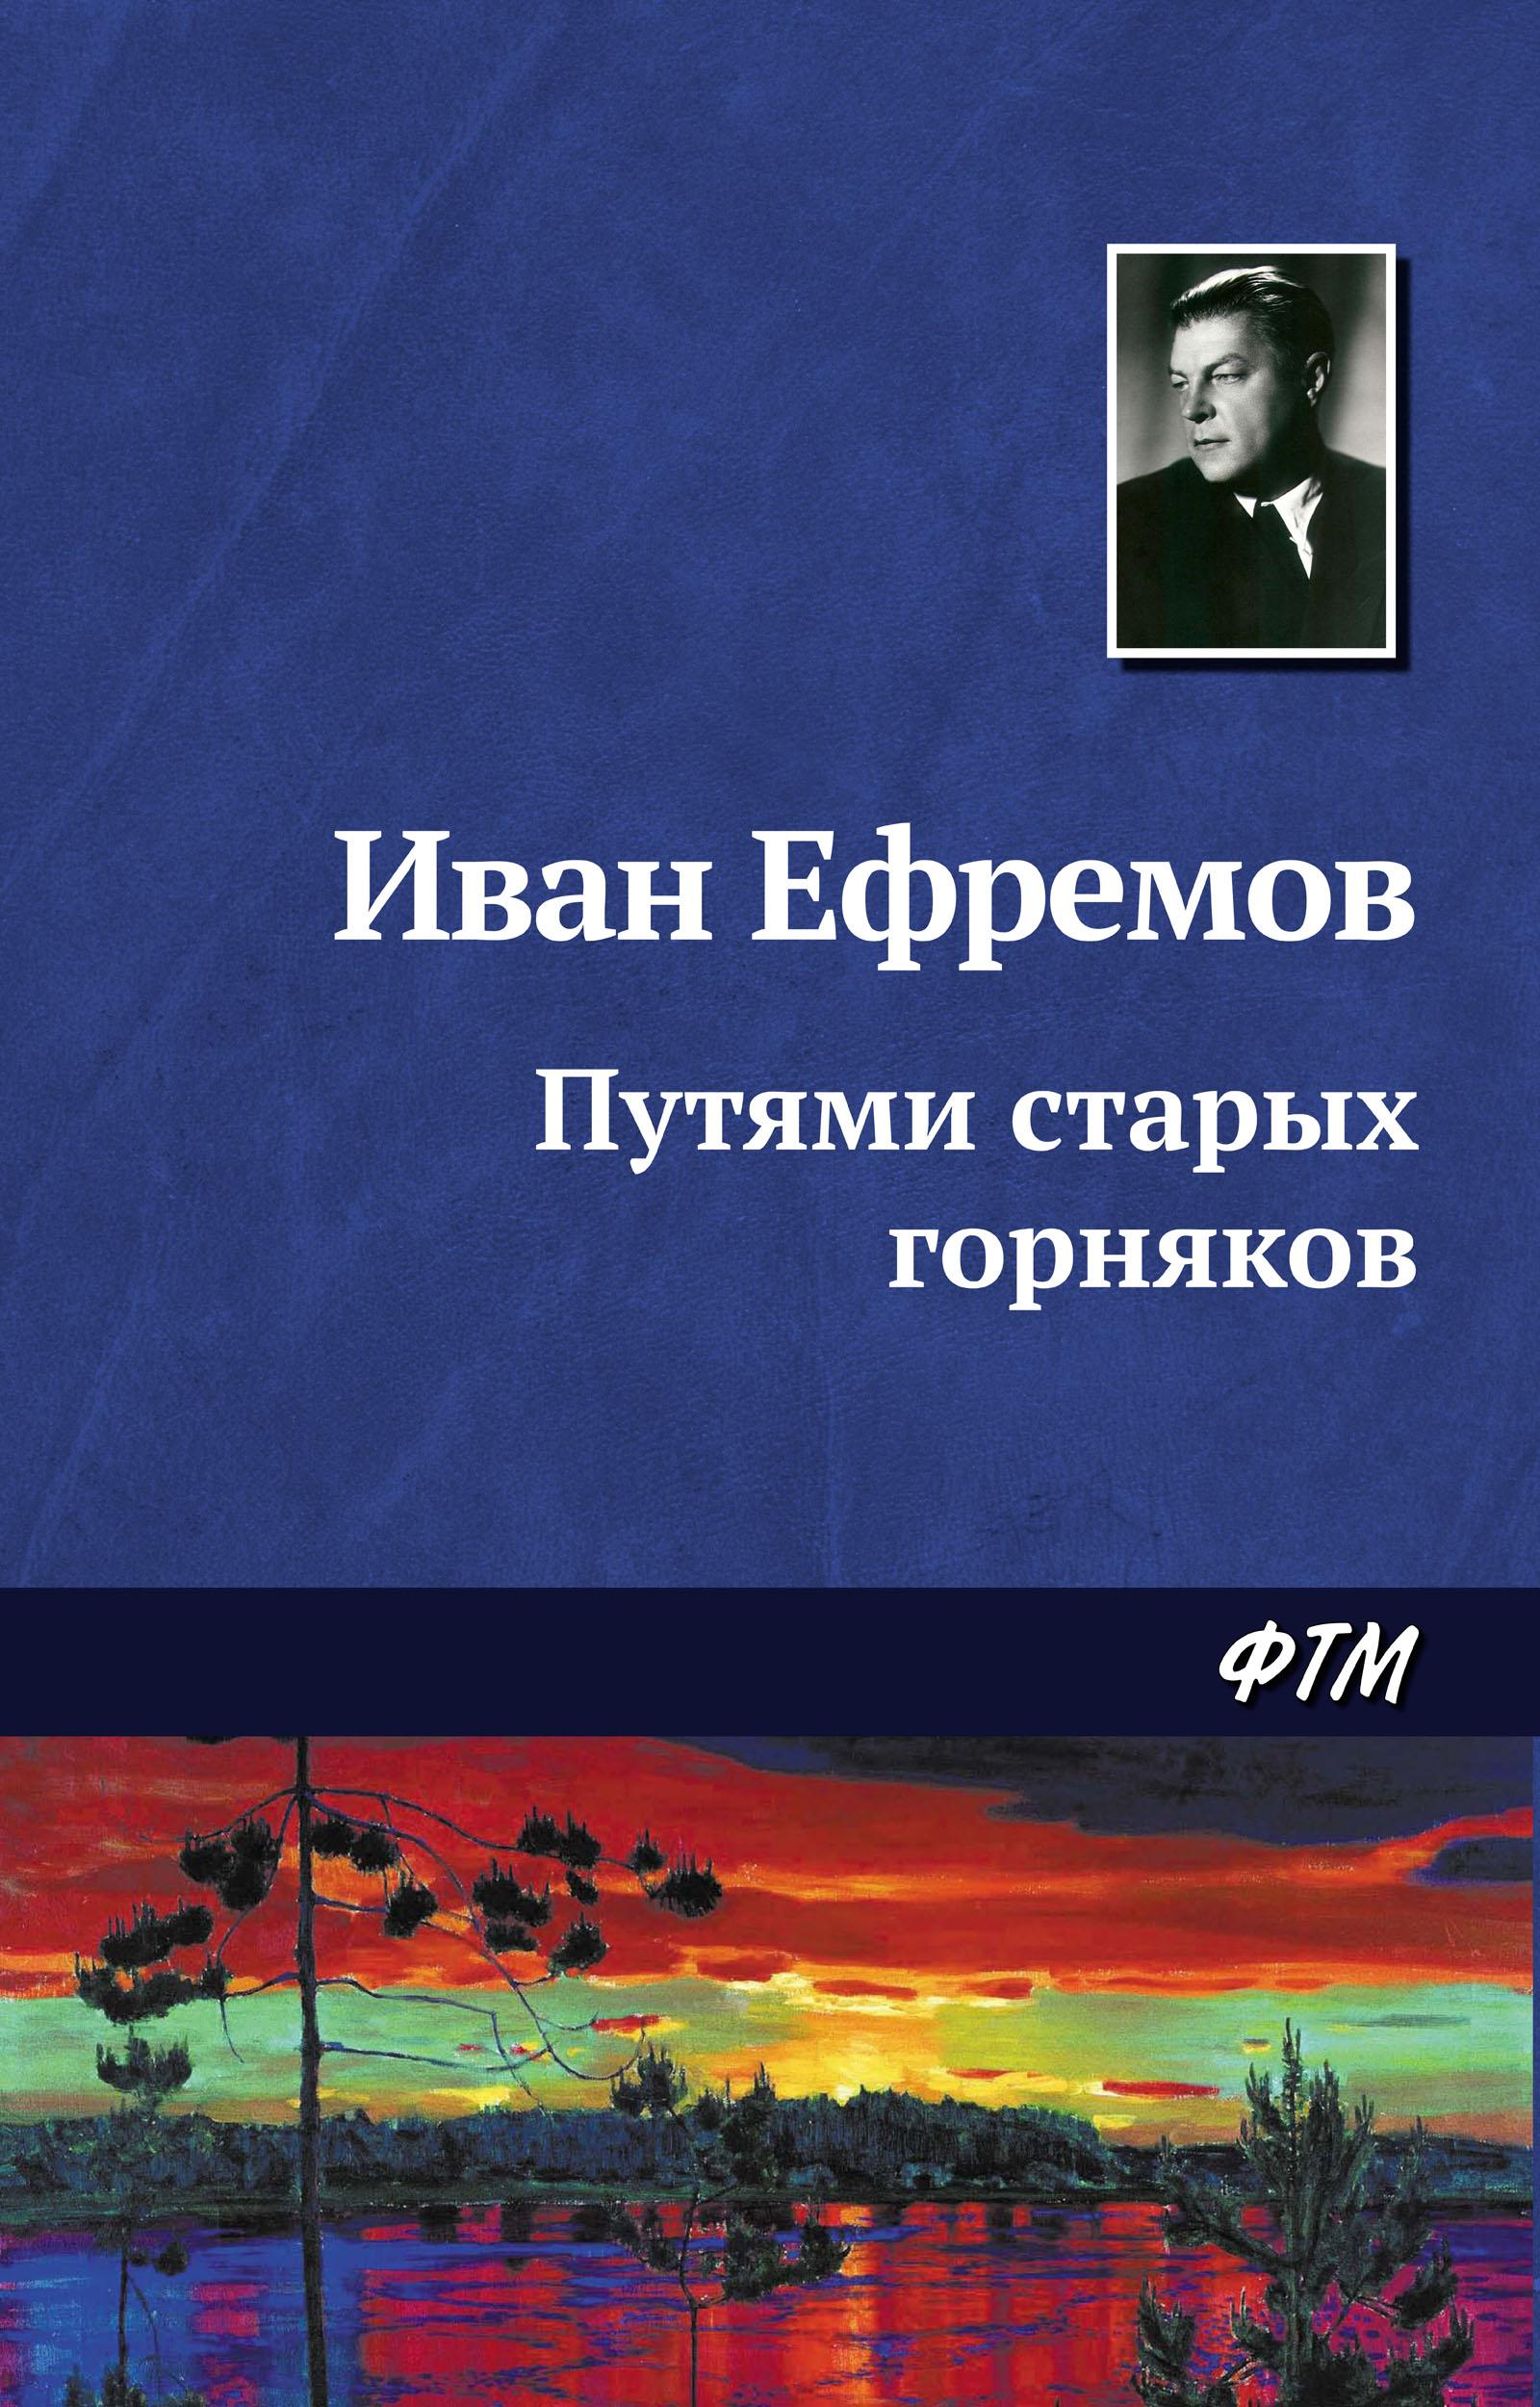 Иван Ефремов «Путями старых горняков»